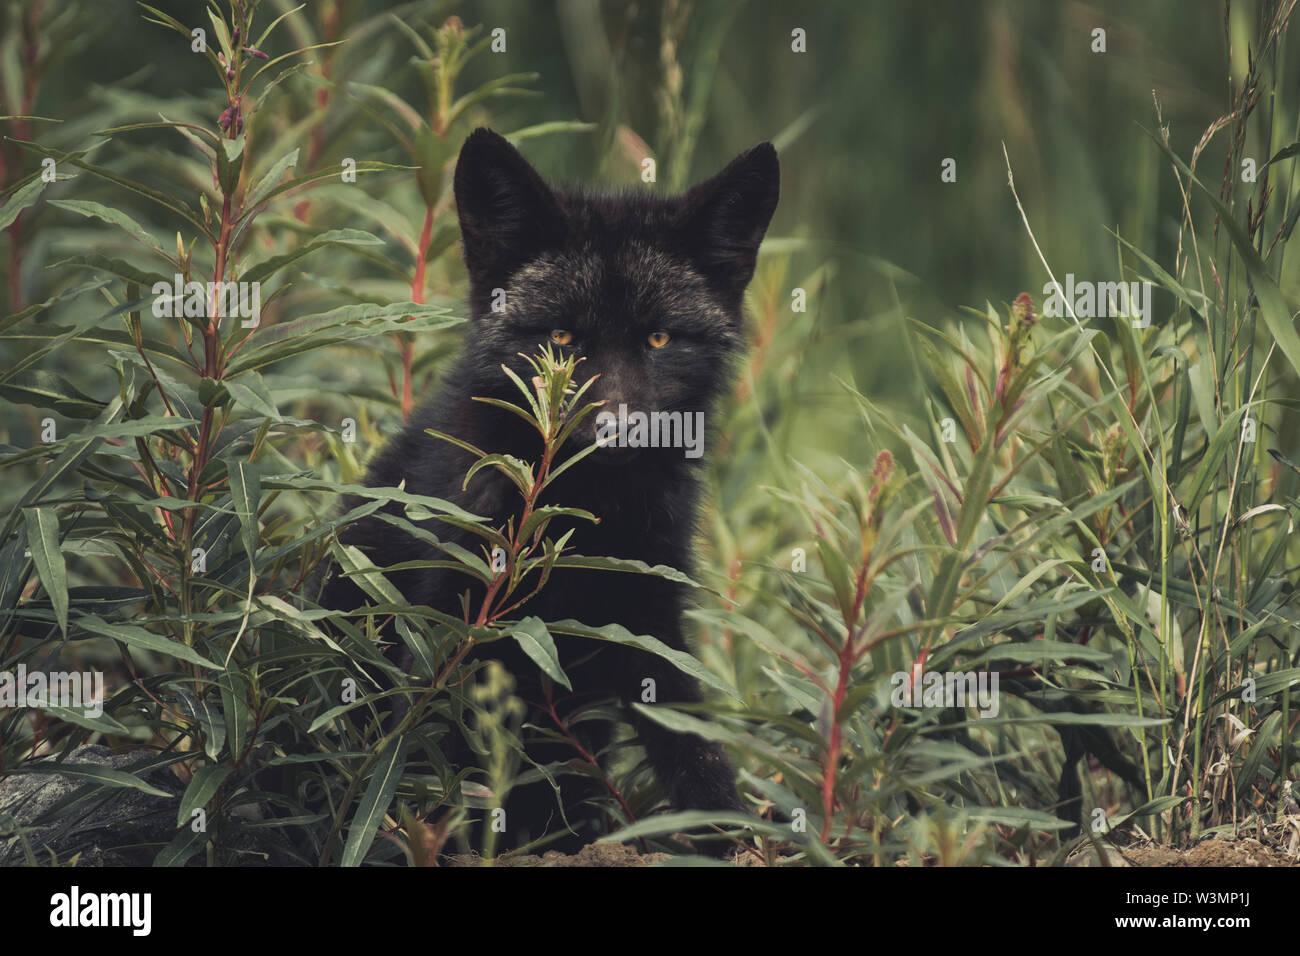 Une couleur noire bébé red fox (Vulpus vulpus) se cache dans l'épilobe entre certains. Territoire du Yukon, Canada Photo Stock